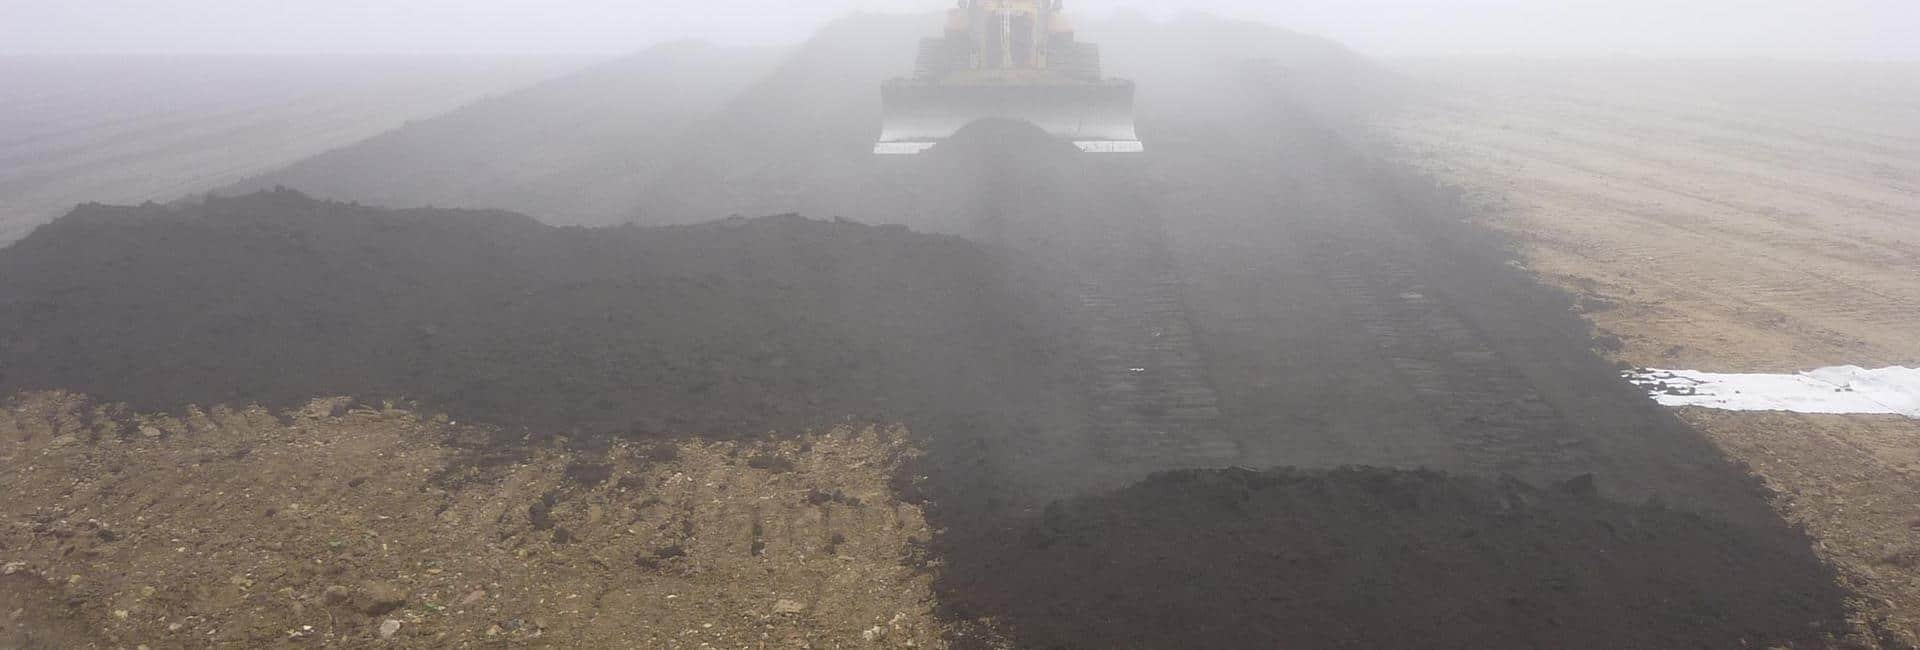 Abschlussarbeiten Oberflächenabdichtung auf der Deponie Tuningen